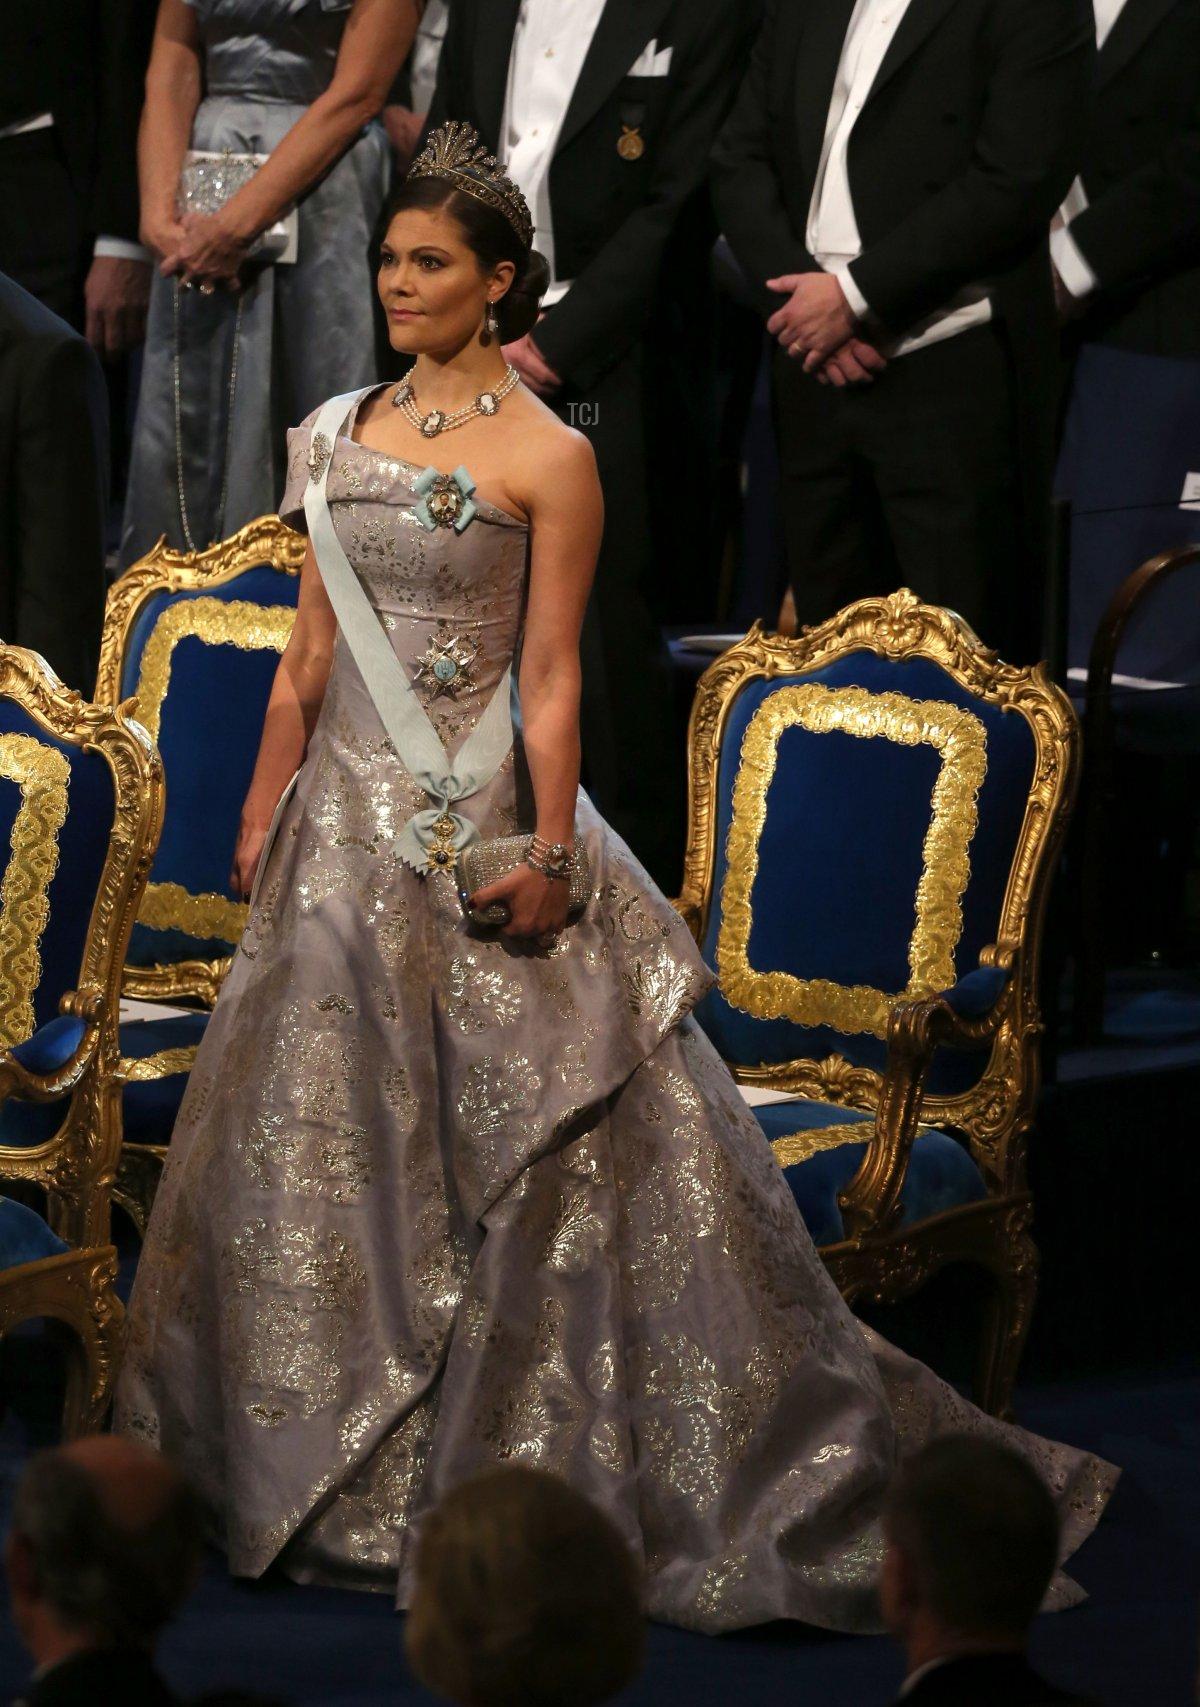 Sweden's Crown Princess Victoria attends the 2016 Nobel Banquet at the Stockholm City Hall on December 10, 2016 in Stockholm, Sweden